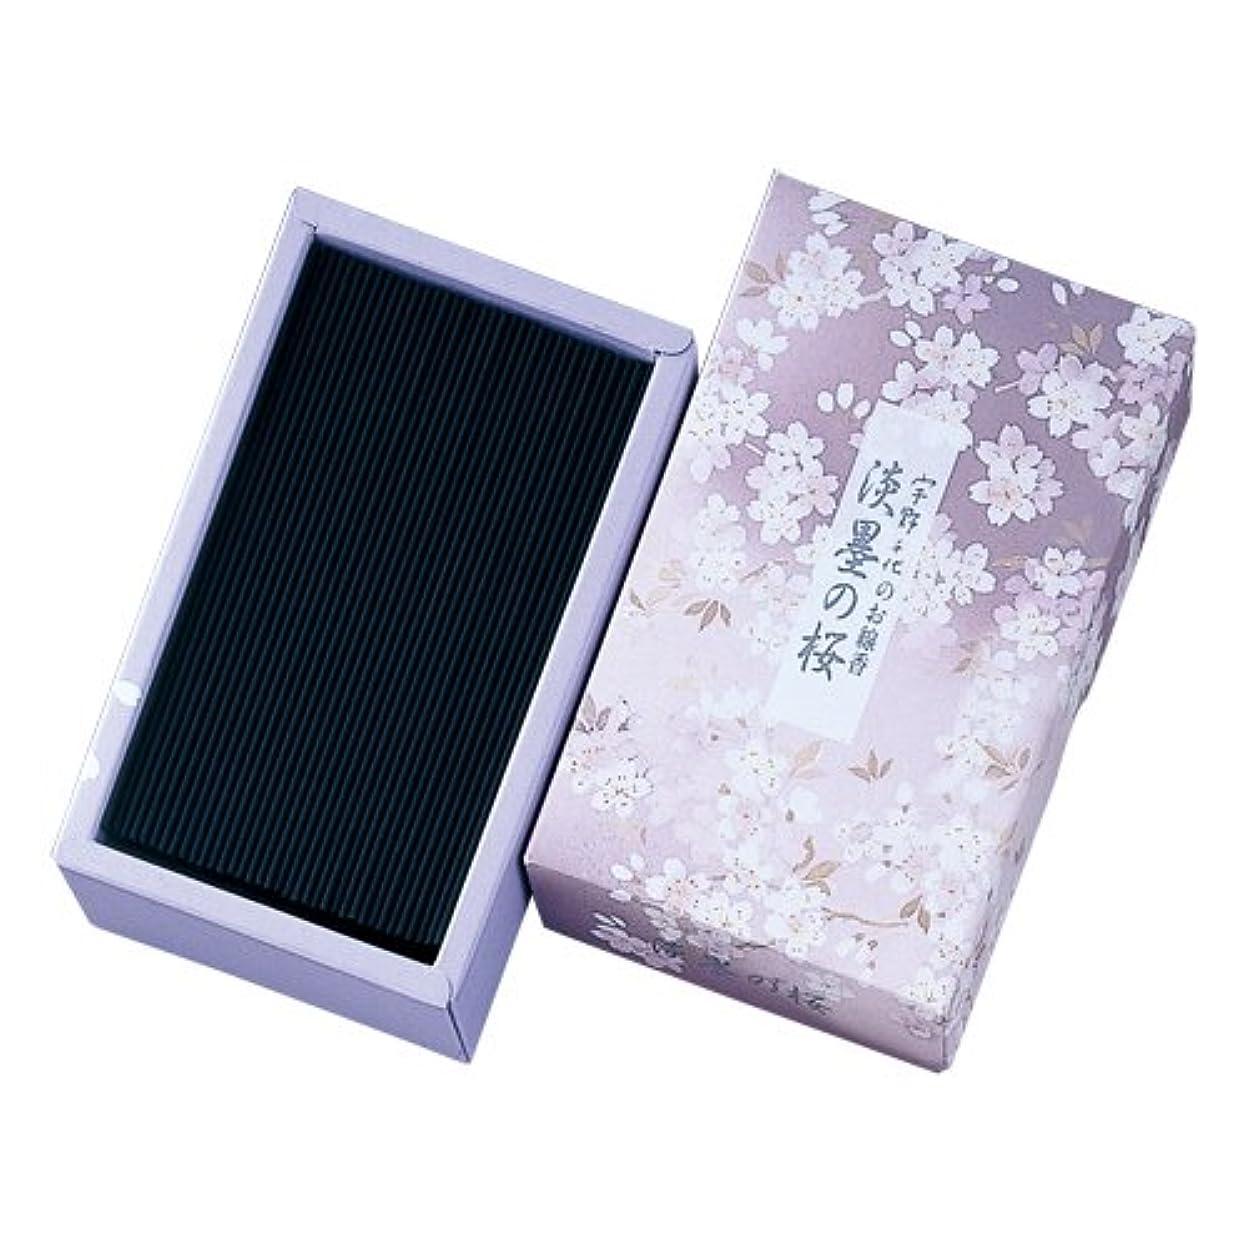 宗教的なレオナルドダディレクター淡墨の桜バラ詰め × 10個セット